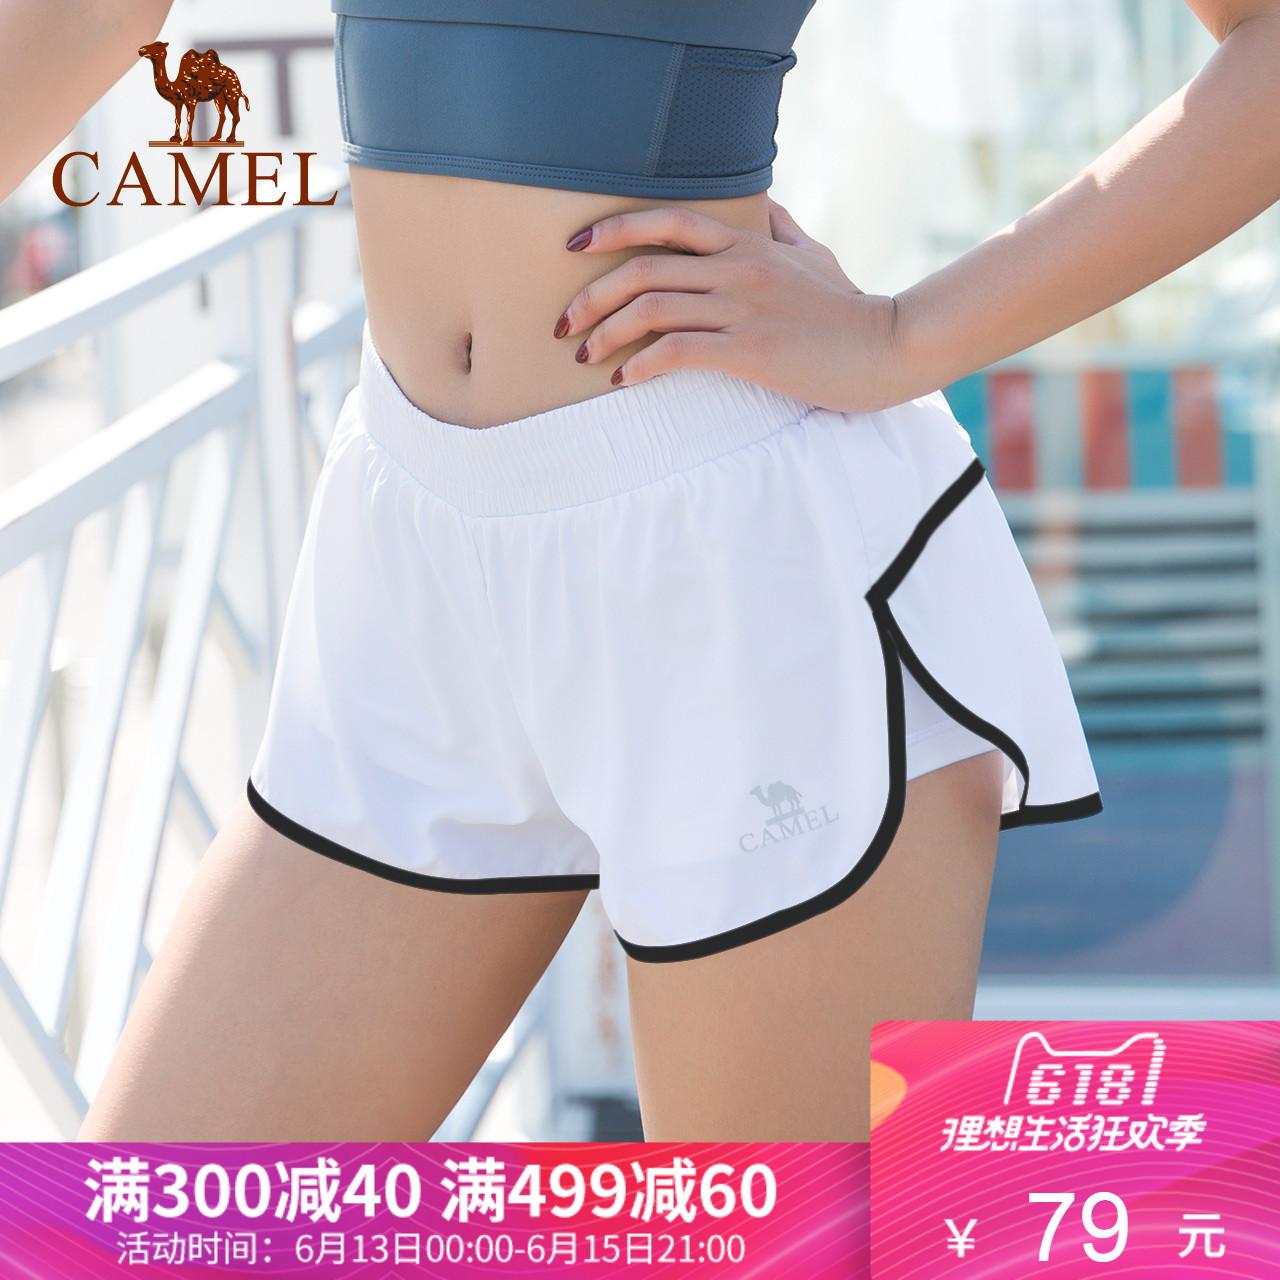 【2018新品】CAMEL骆驼运动健身梭织短裤 春夏女款透气跑步休闲裤